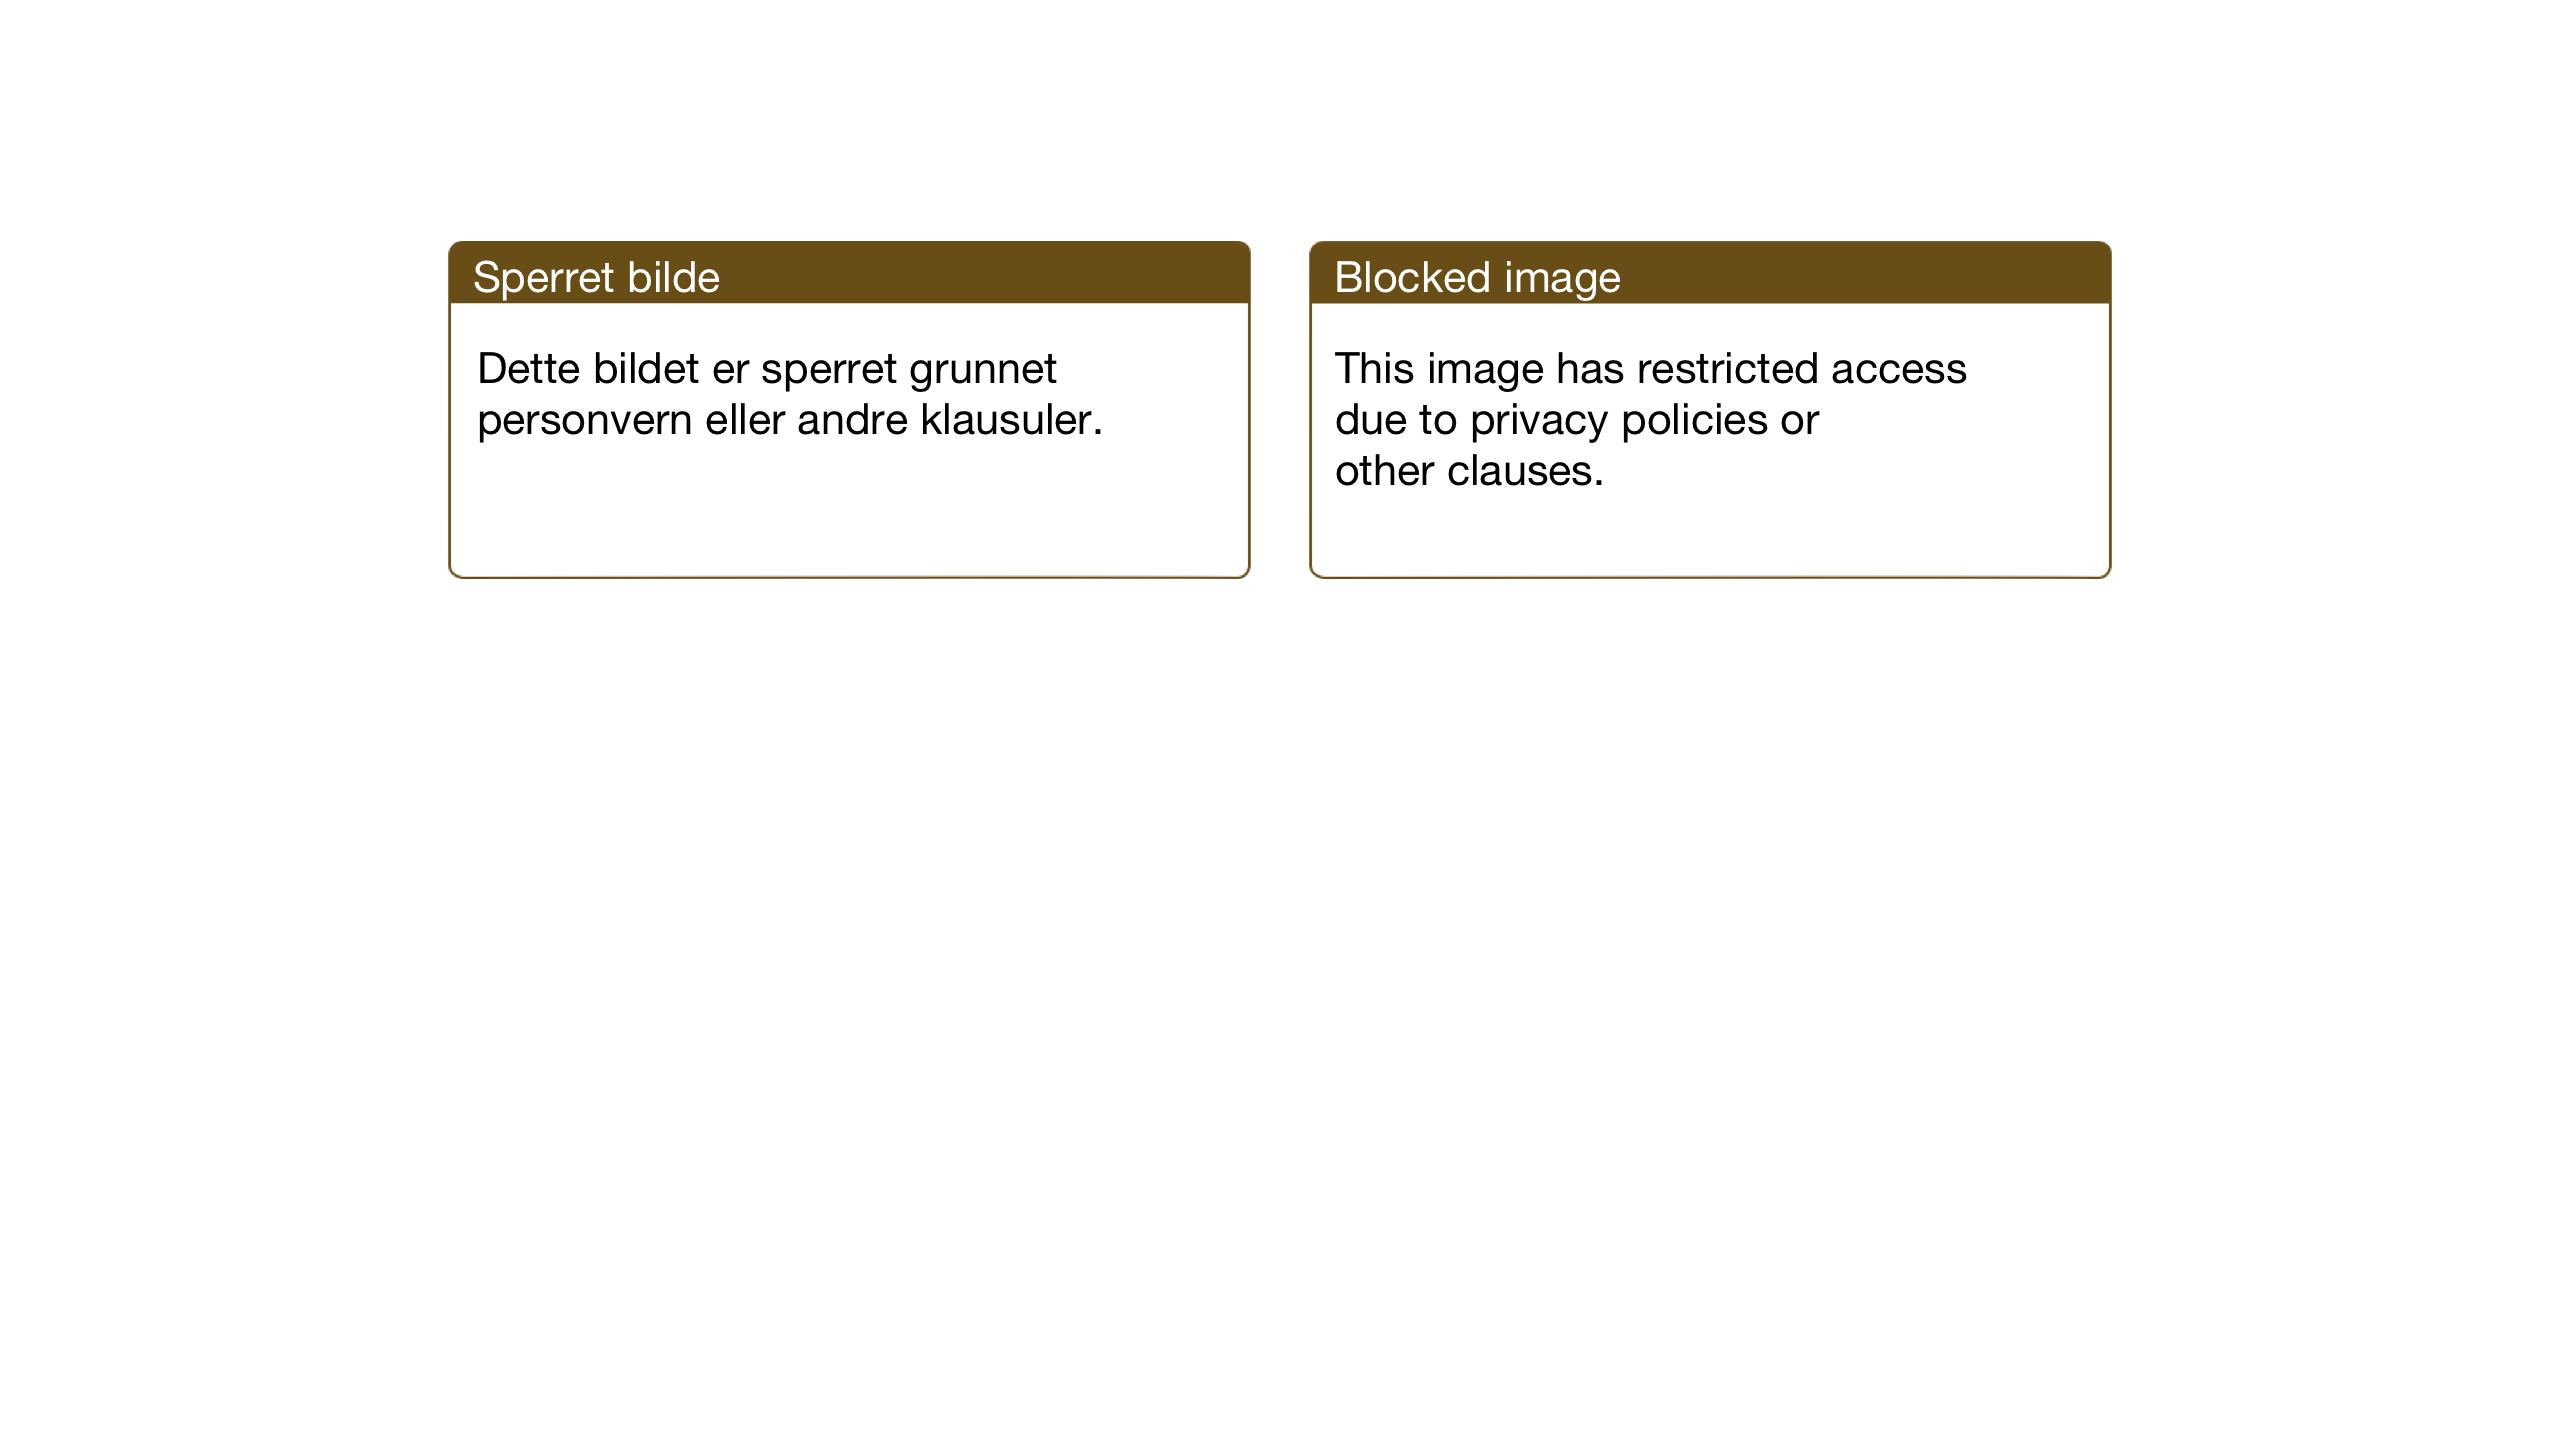 SAT, Ministerialprotokoller, klokkerbøker og fødselsregistre - Sør-Trøndelag, 607/L0328: Klokkerbok nr. 607C02, 1940-1948, s. 89